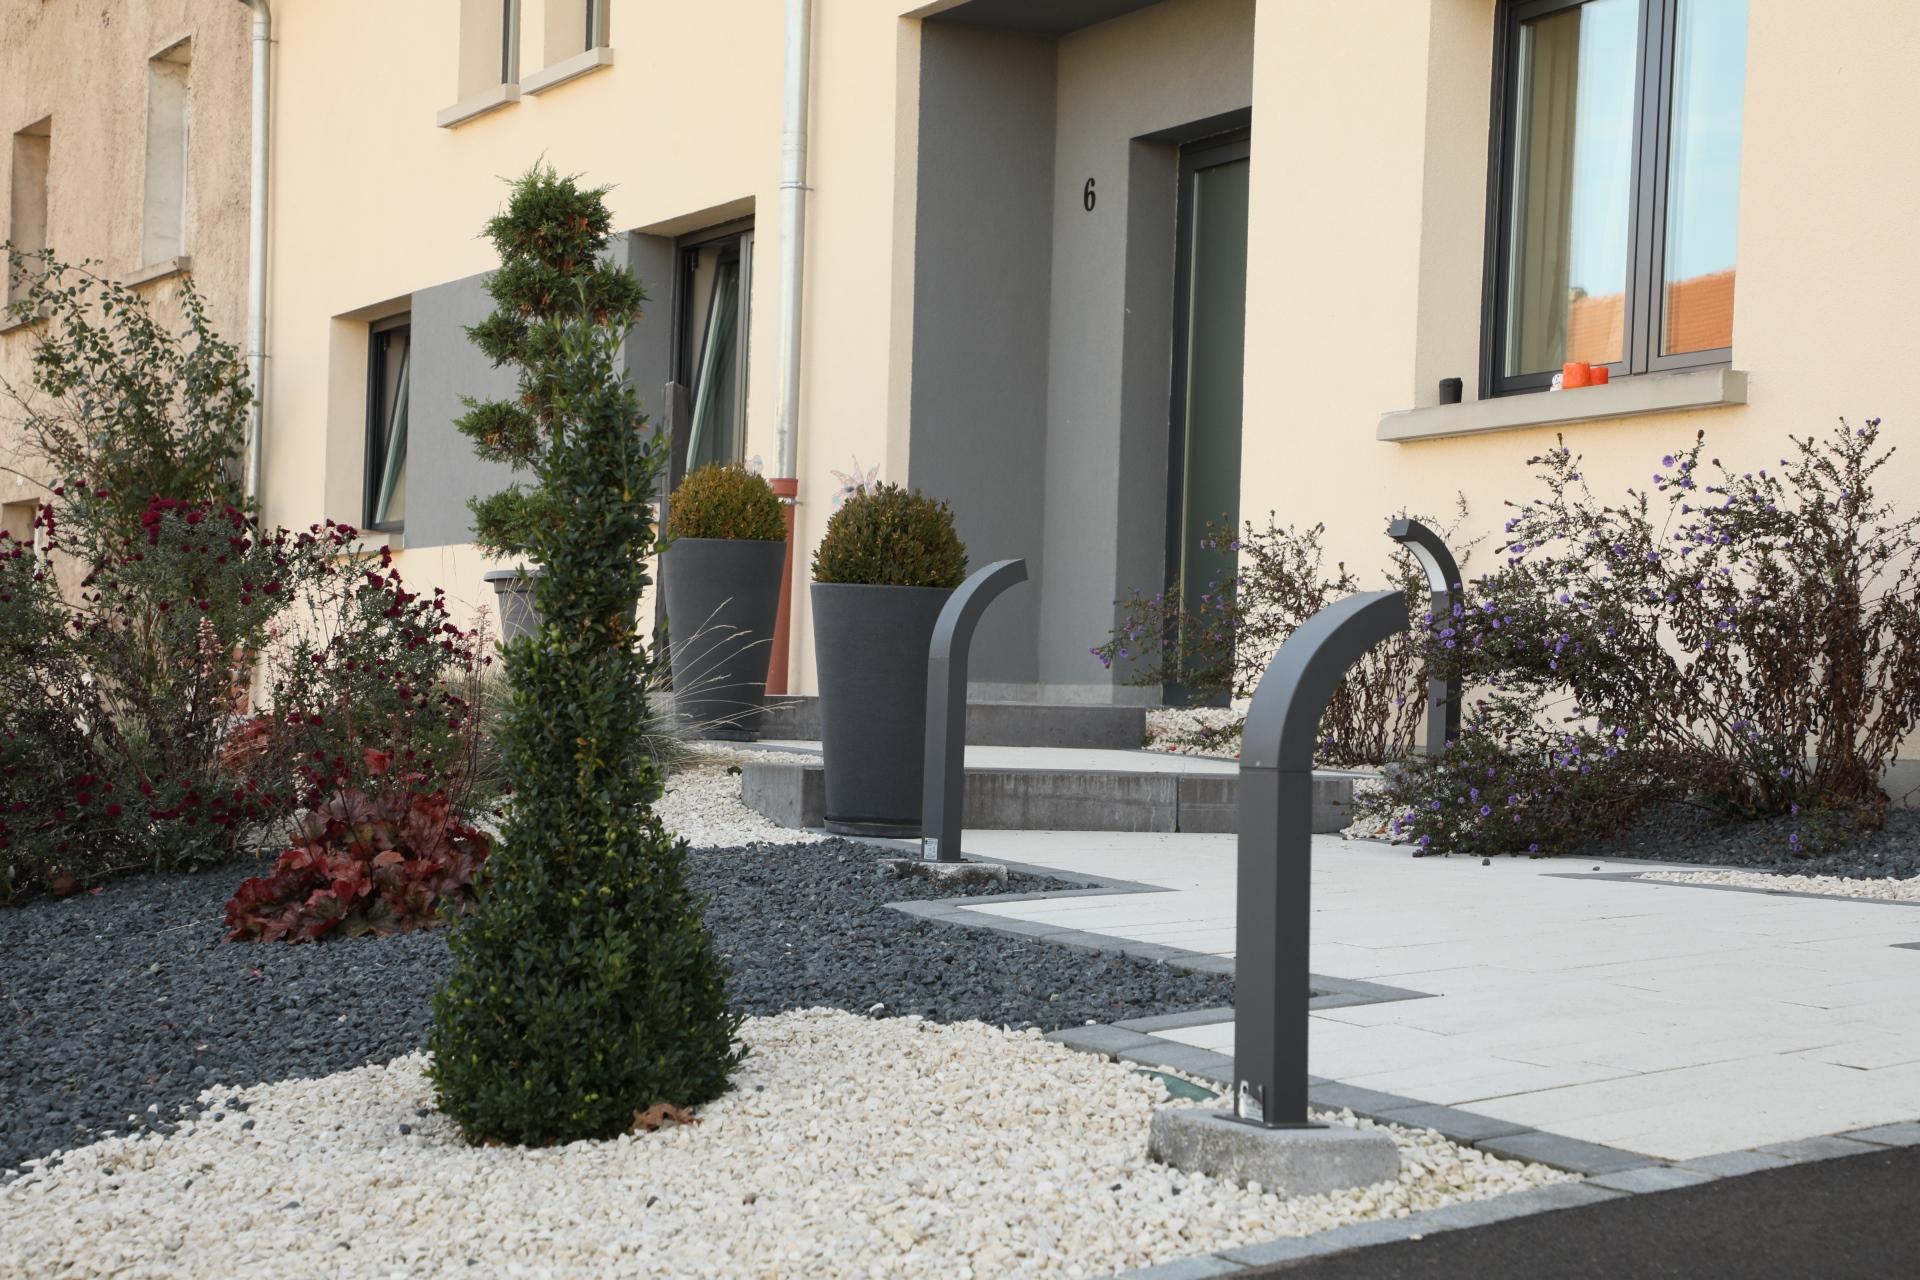 Entreprise Amenagement Exterieur Moselle votre paysagiste en moselle - best aménagements